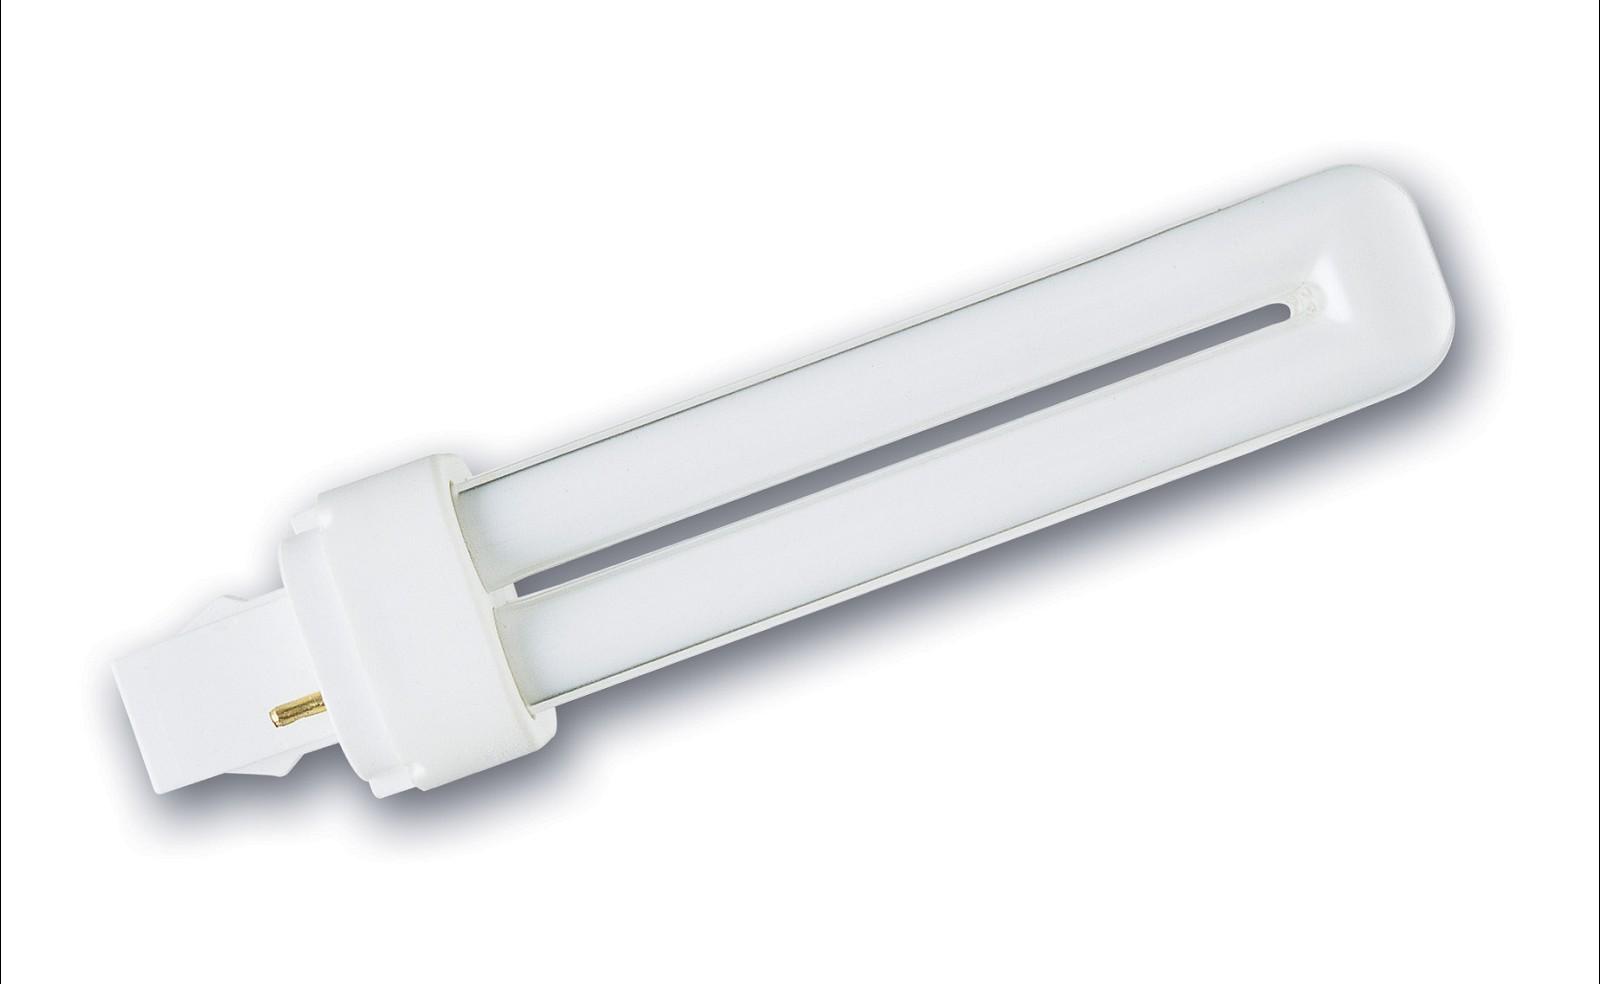 Lampe 830 2 18w Pl Master Philips C 2p G24d Fluocompacte TFclKJ1